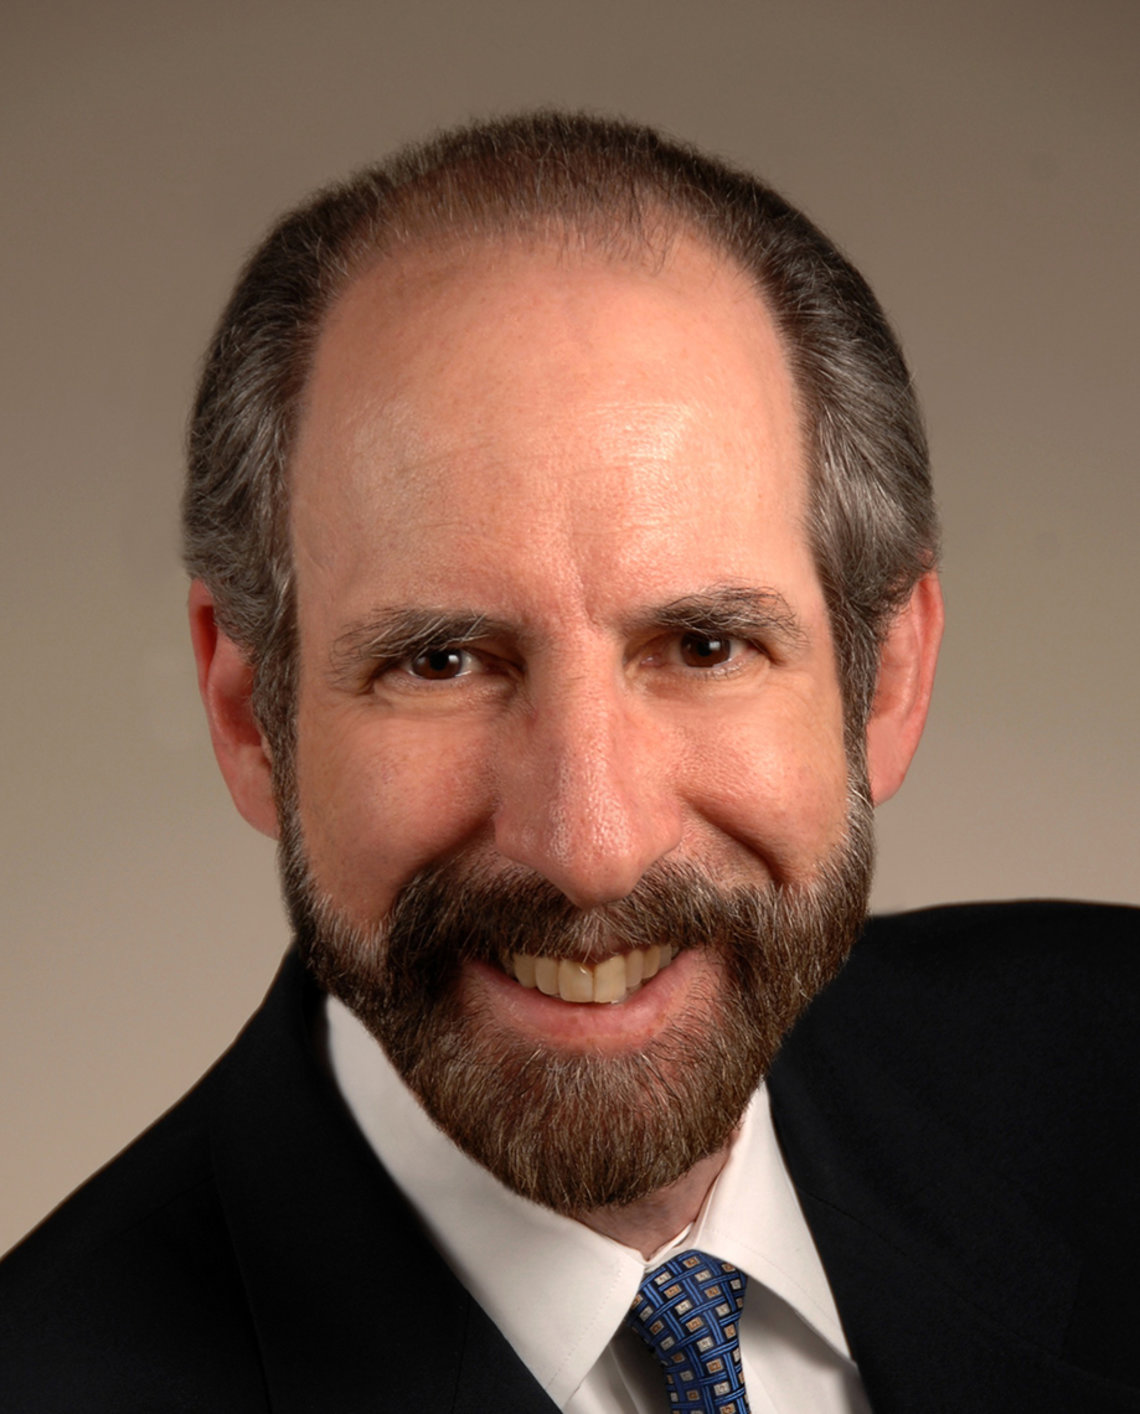 Dr. Germain